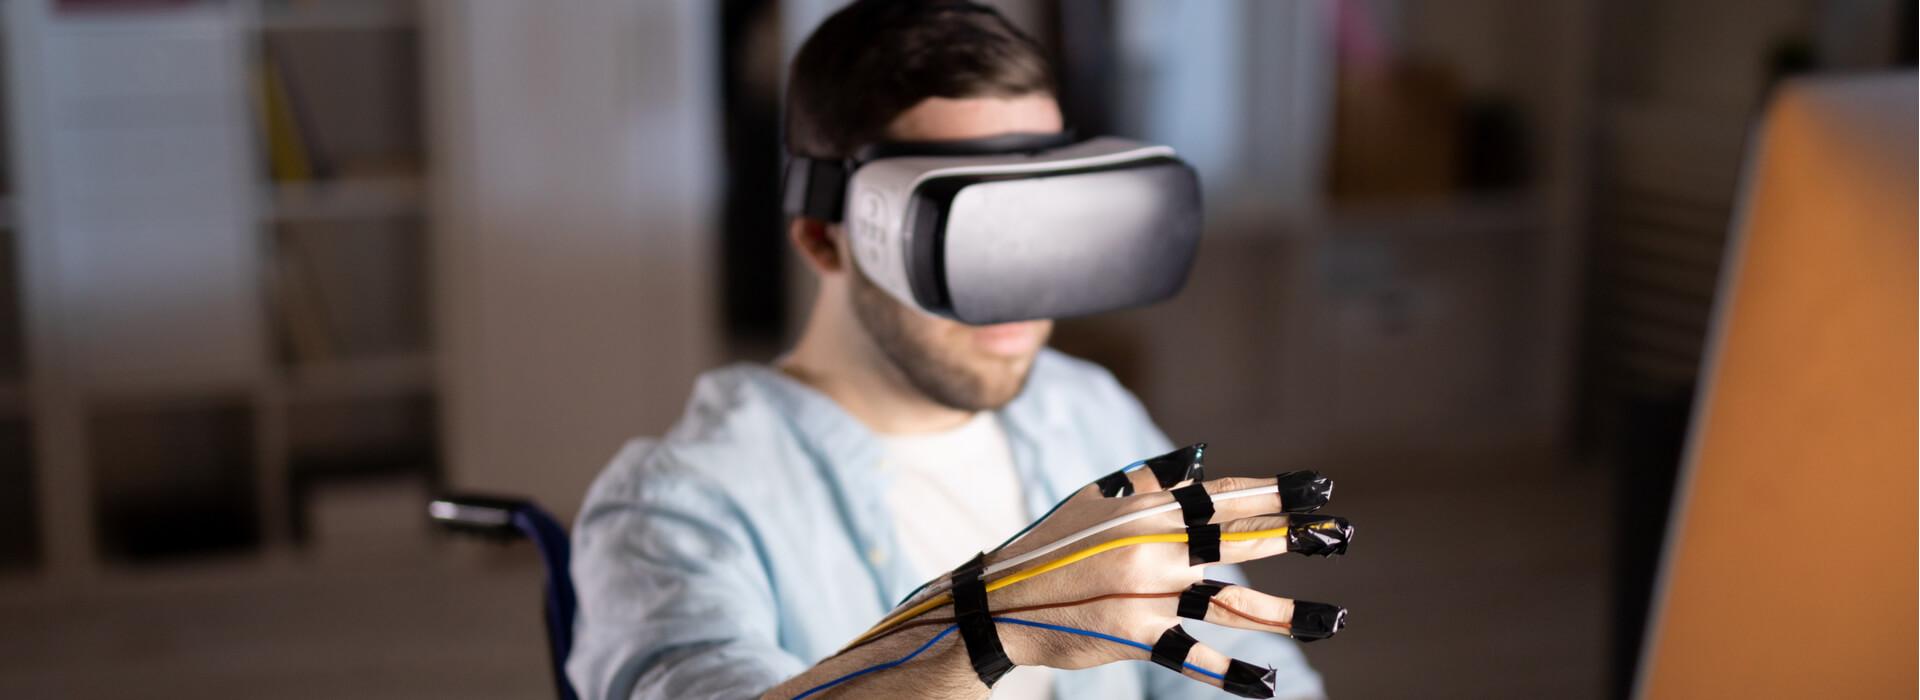 Innovatielab VR